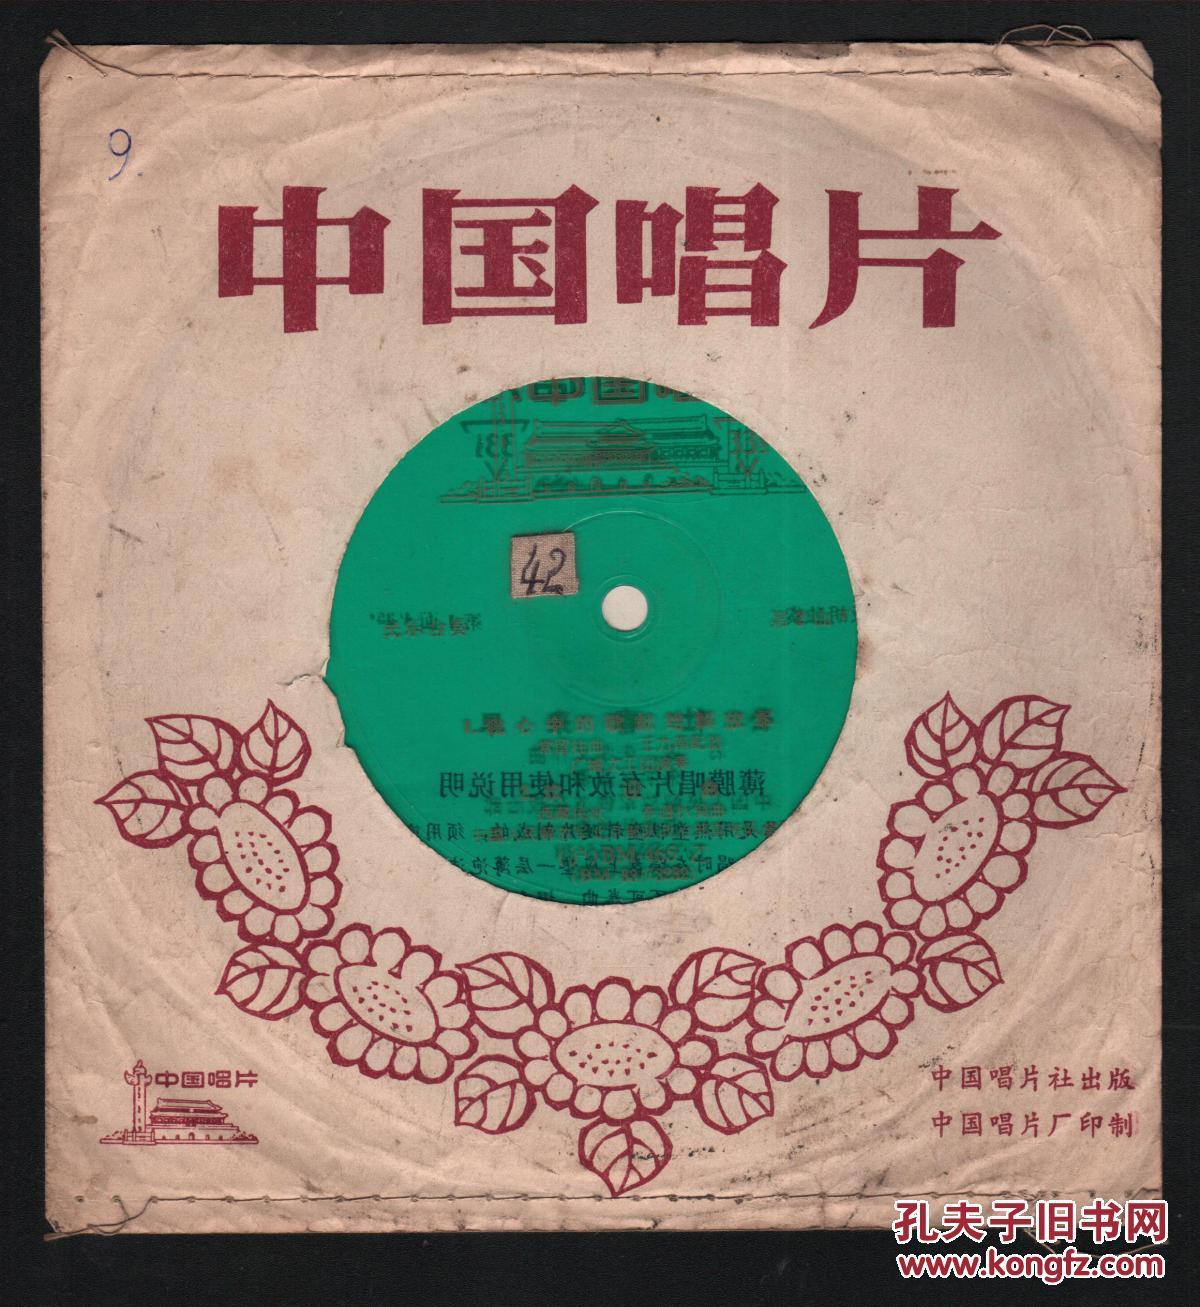 独奏--公社春来早;民乐合奏--我心中的歌献给解放军.欢迎曲